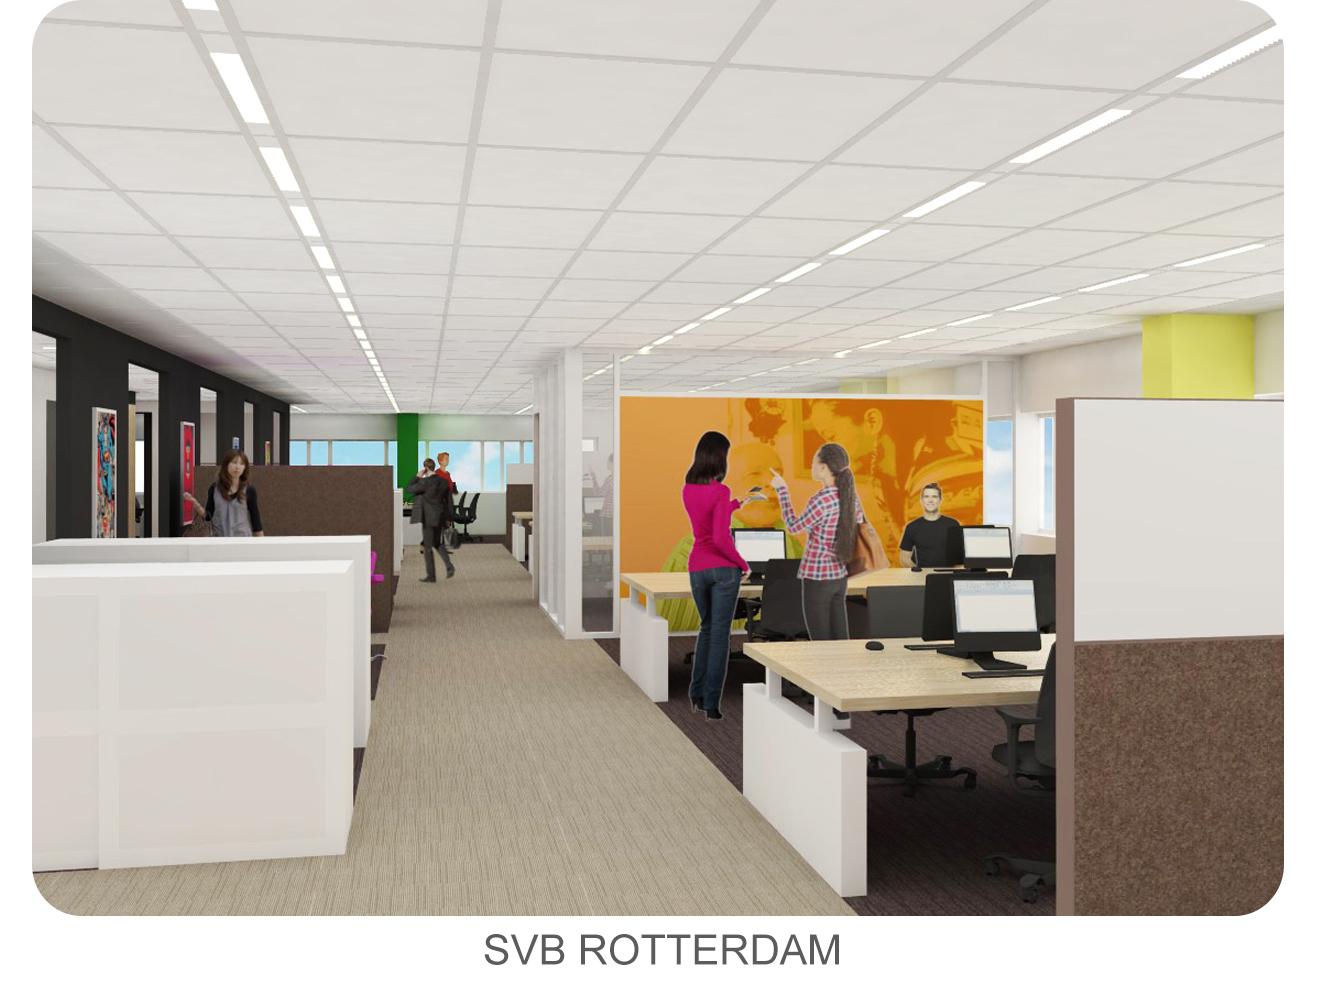 SVB Rotterdam